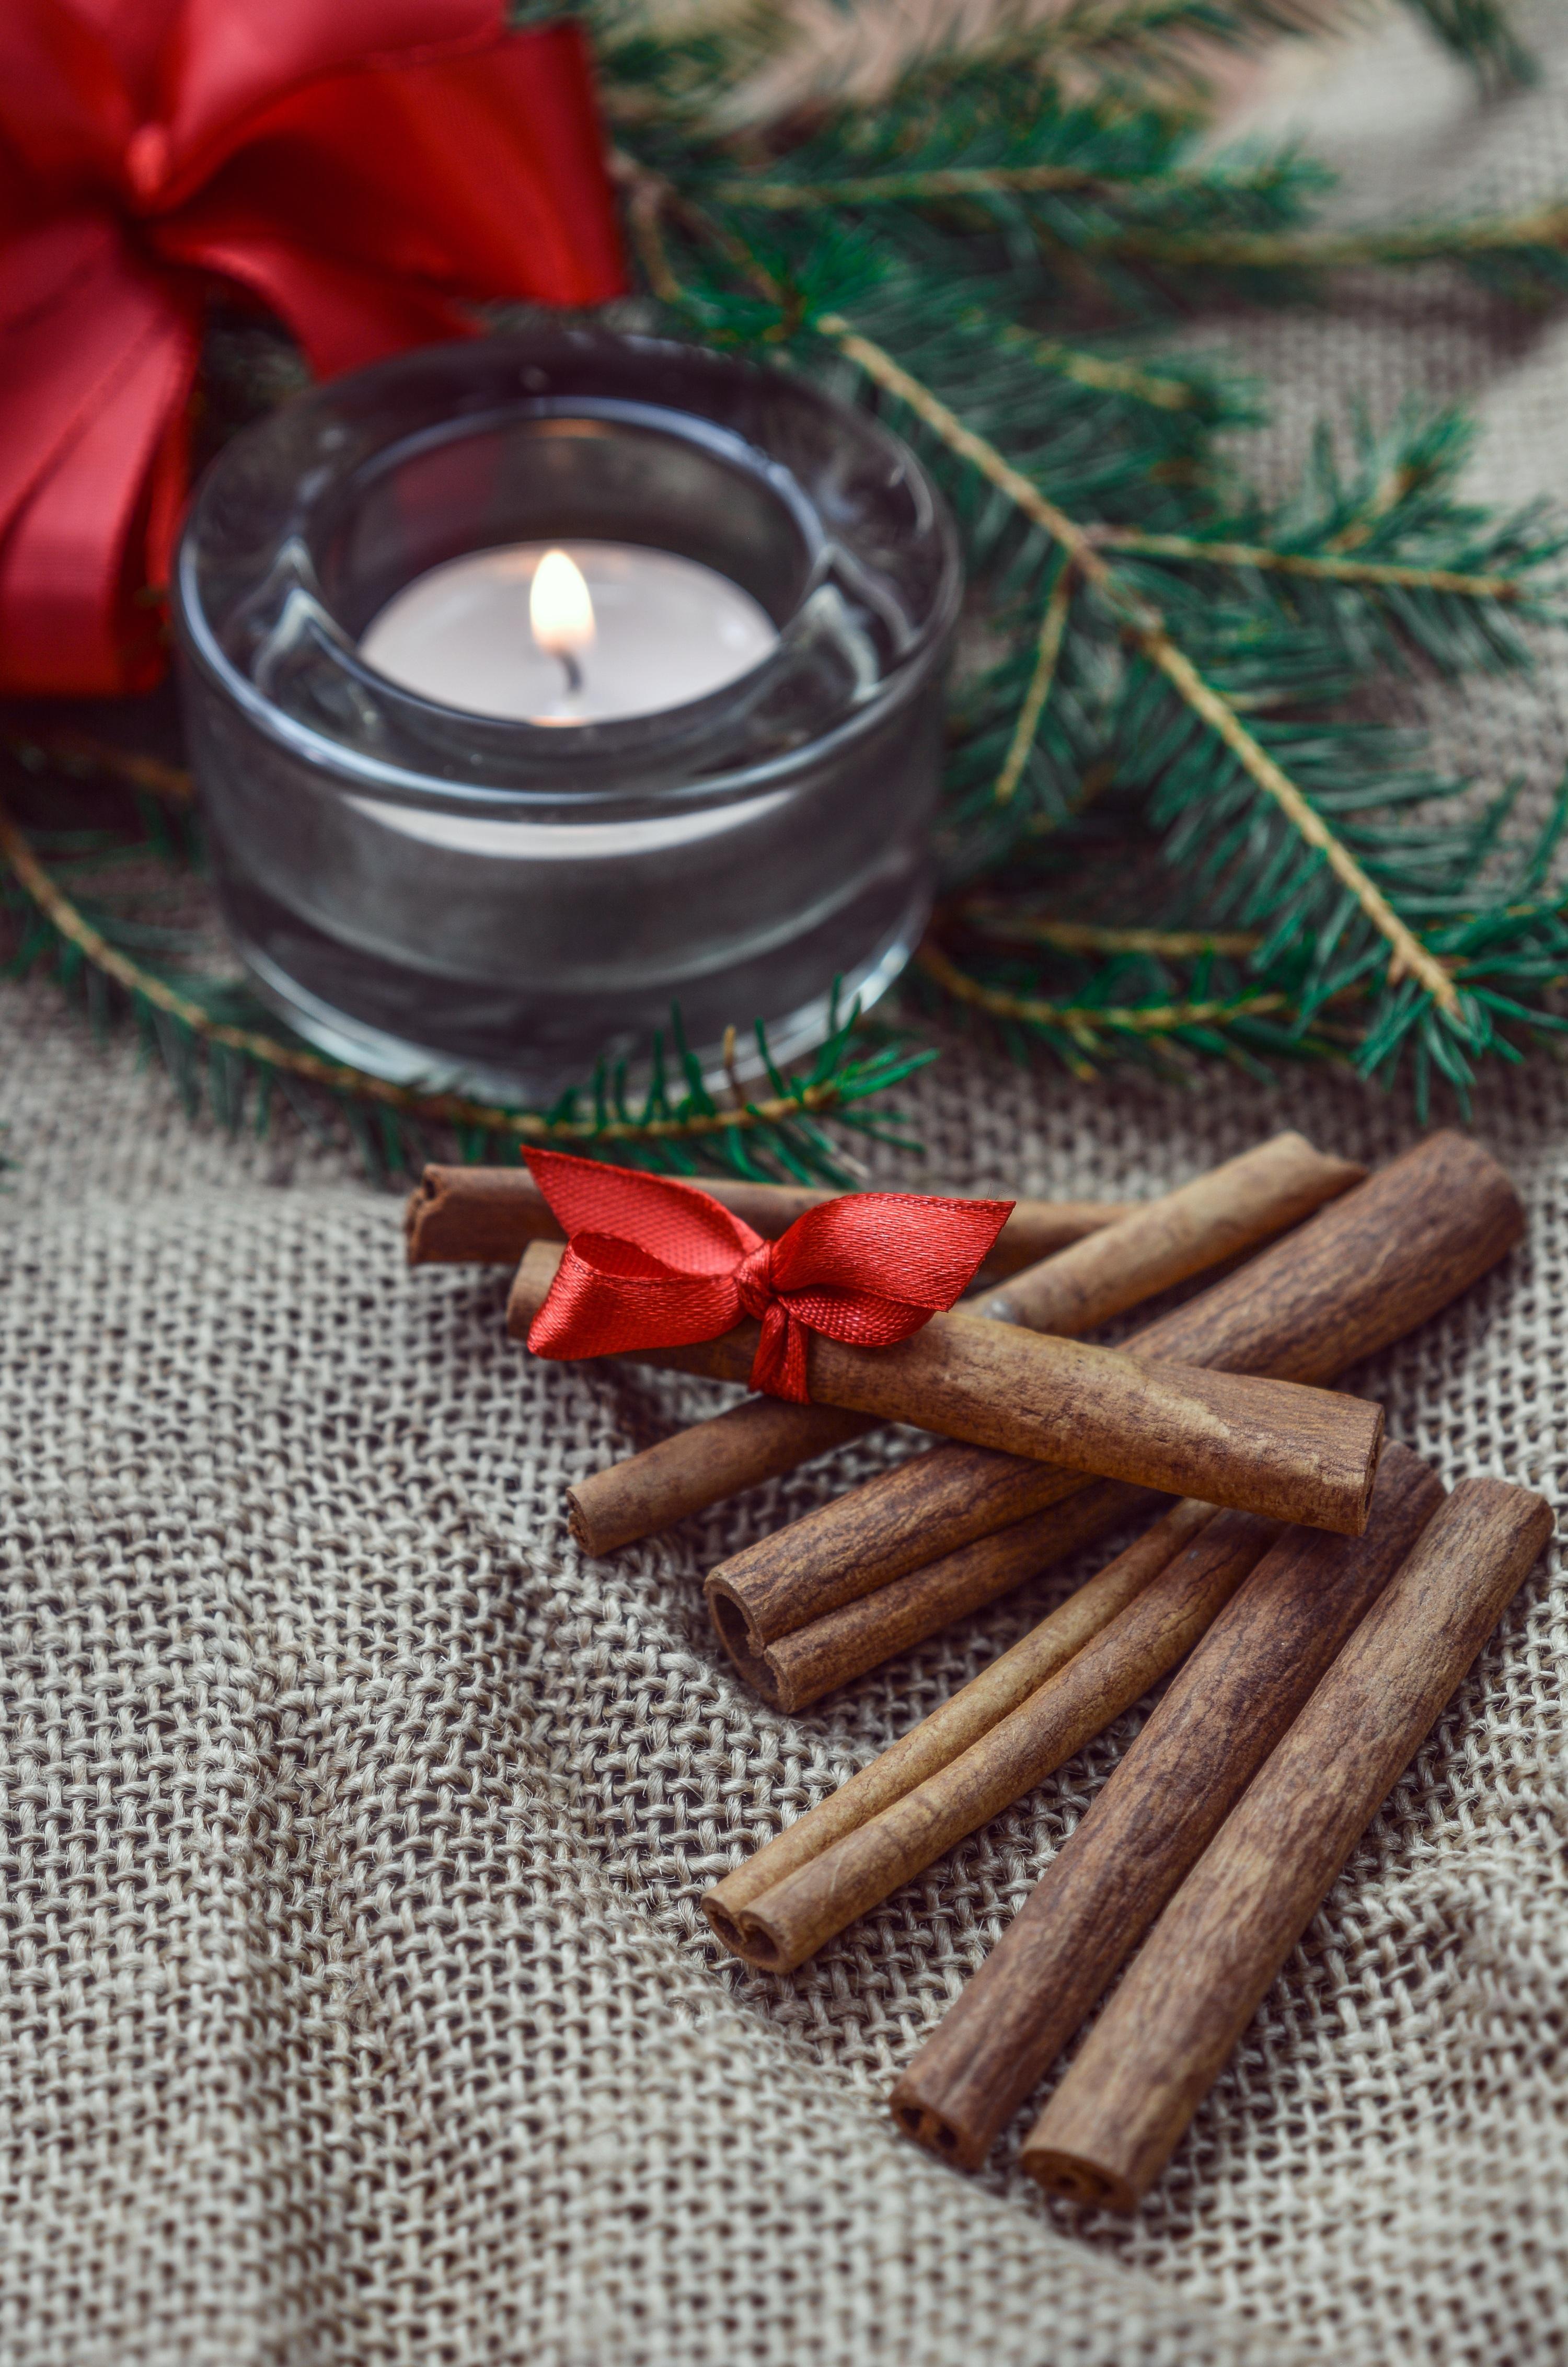 157605 Hintergrundbild herunterladen Feiertage, Neujahr, Weihnachten, Cinnamon, Neues Jahr, Kerze, Stöcke, Sticks - Bildschirmschoner und Bilder kostenlos